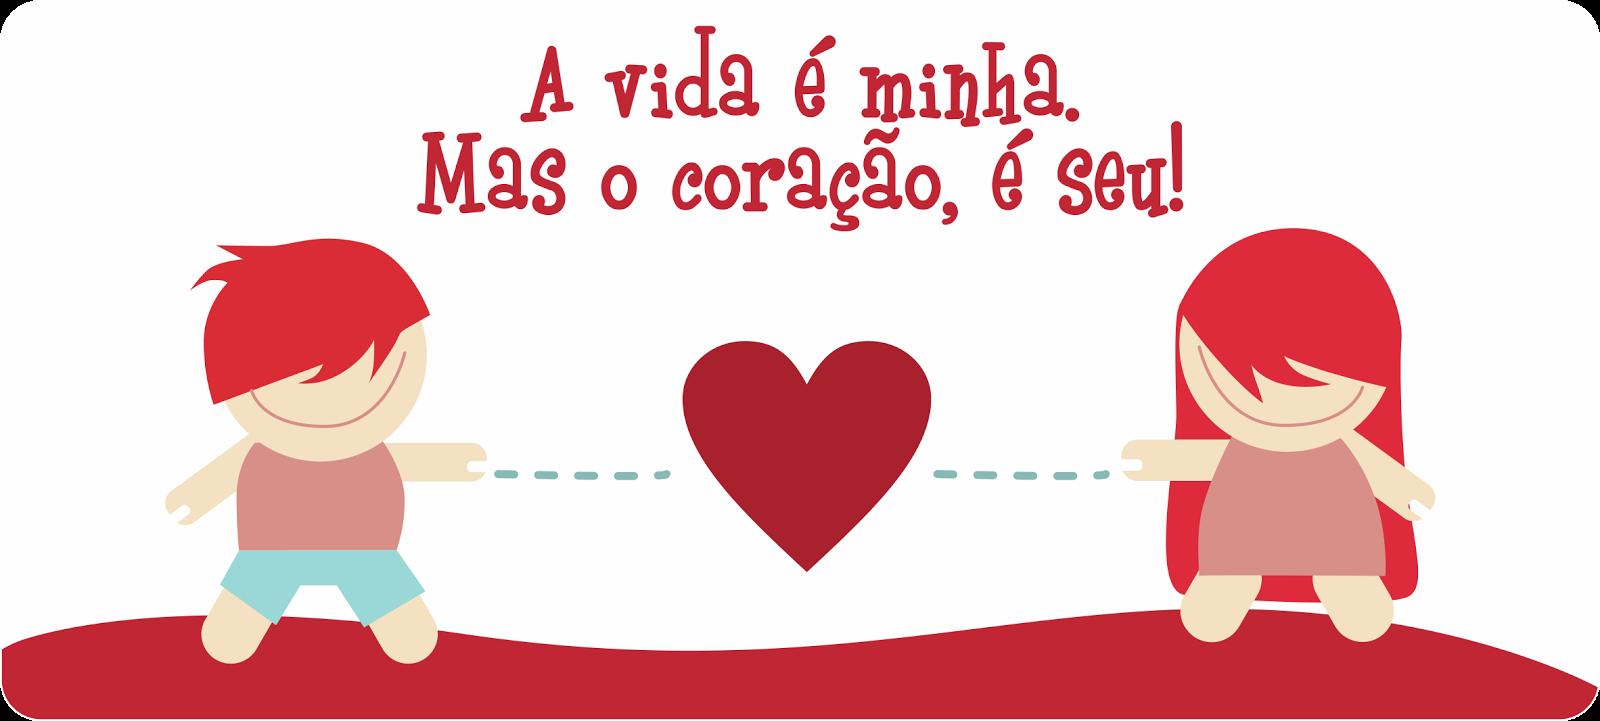 Dia Dos Namorados: Estampas Dia Dos Namorados Canecas 01